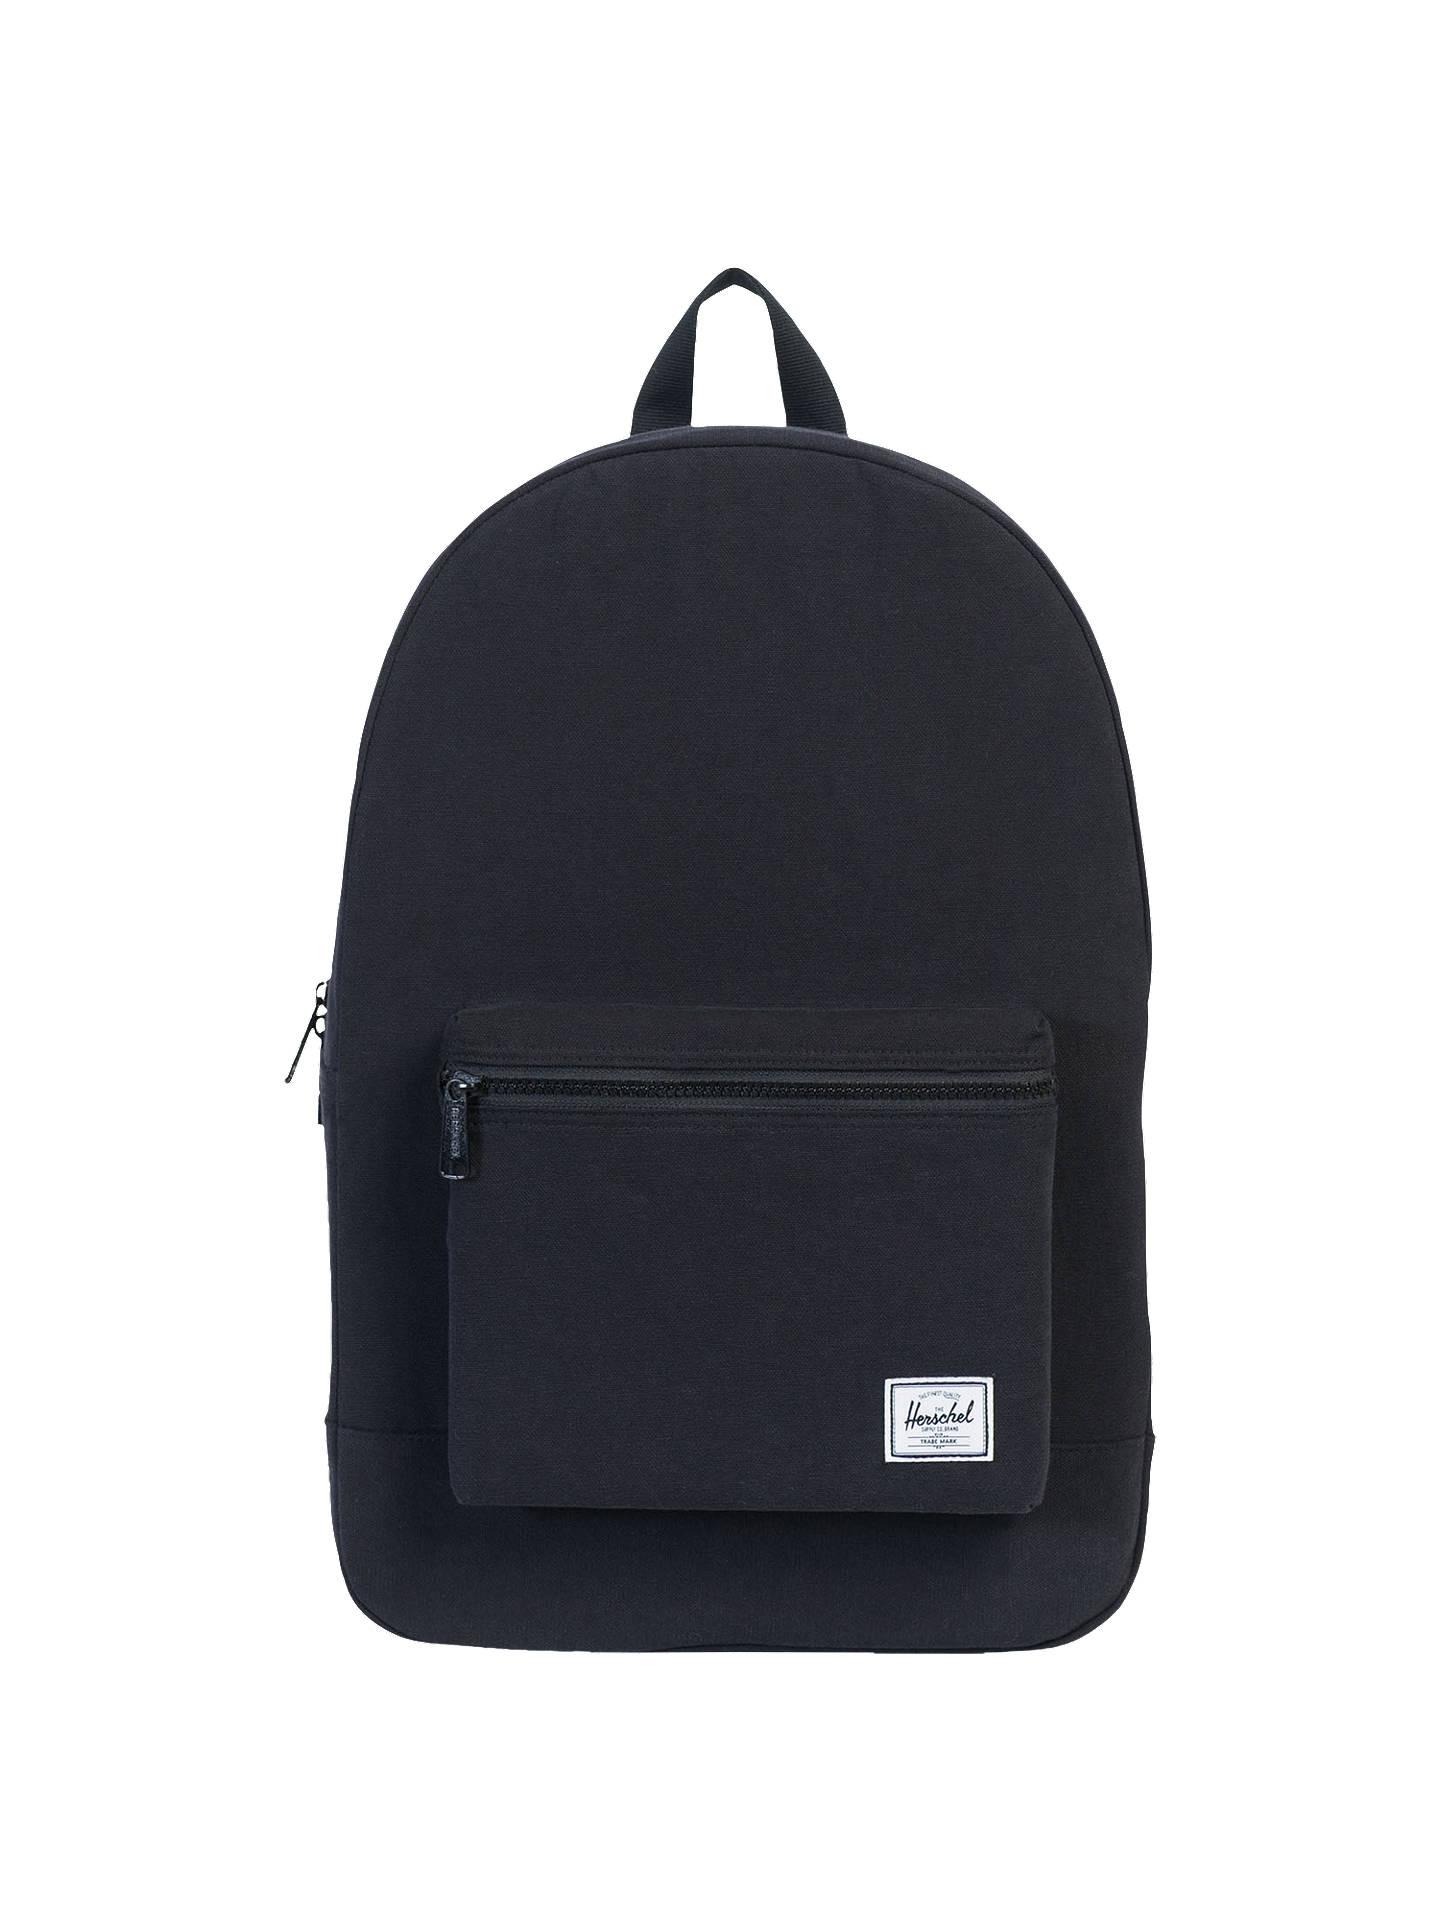 b716ca7d78 Buy Herschel Supply Co. Cotton Casuals Backpack